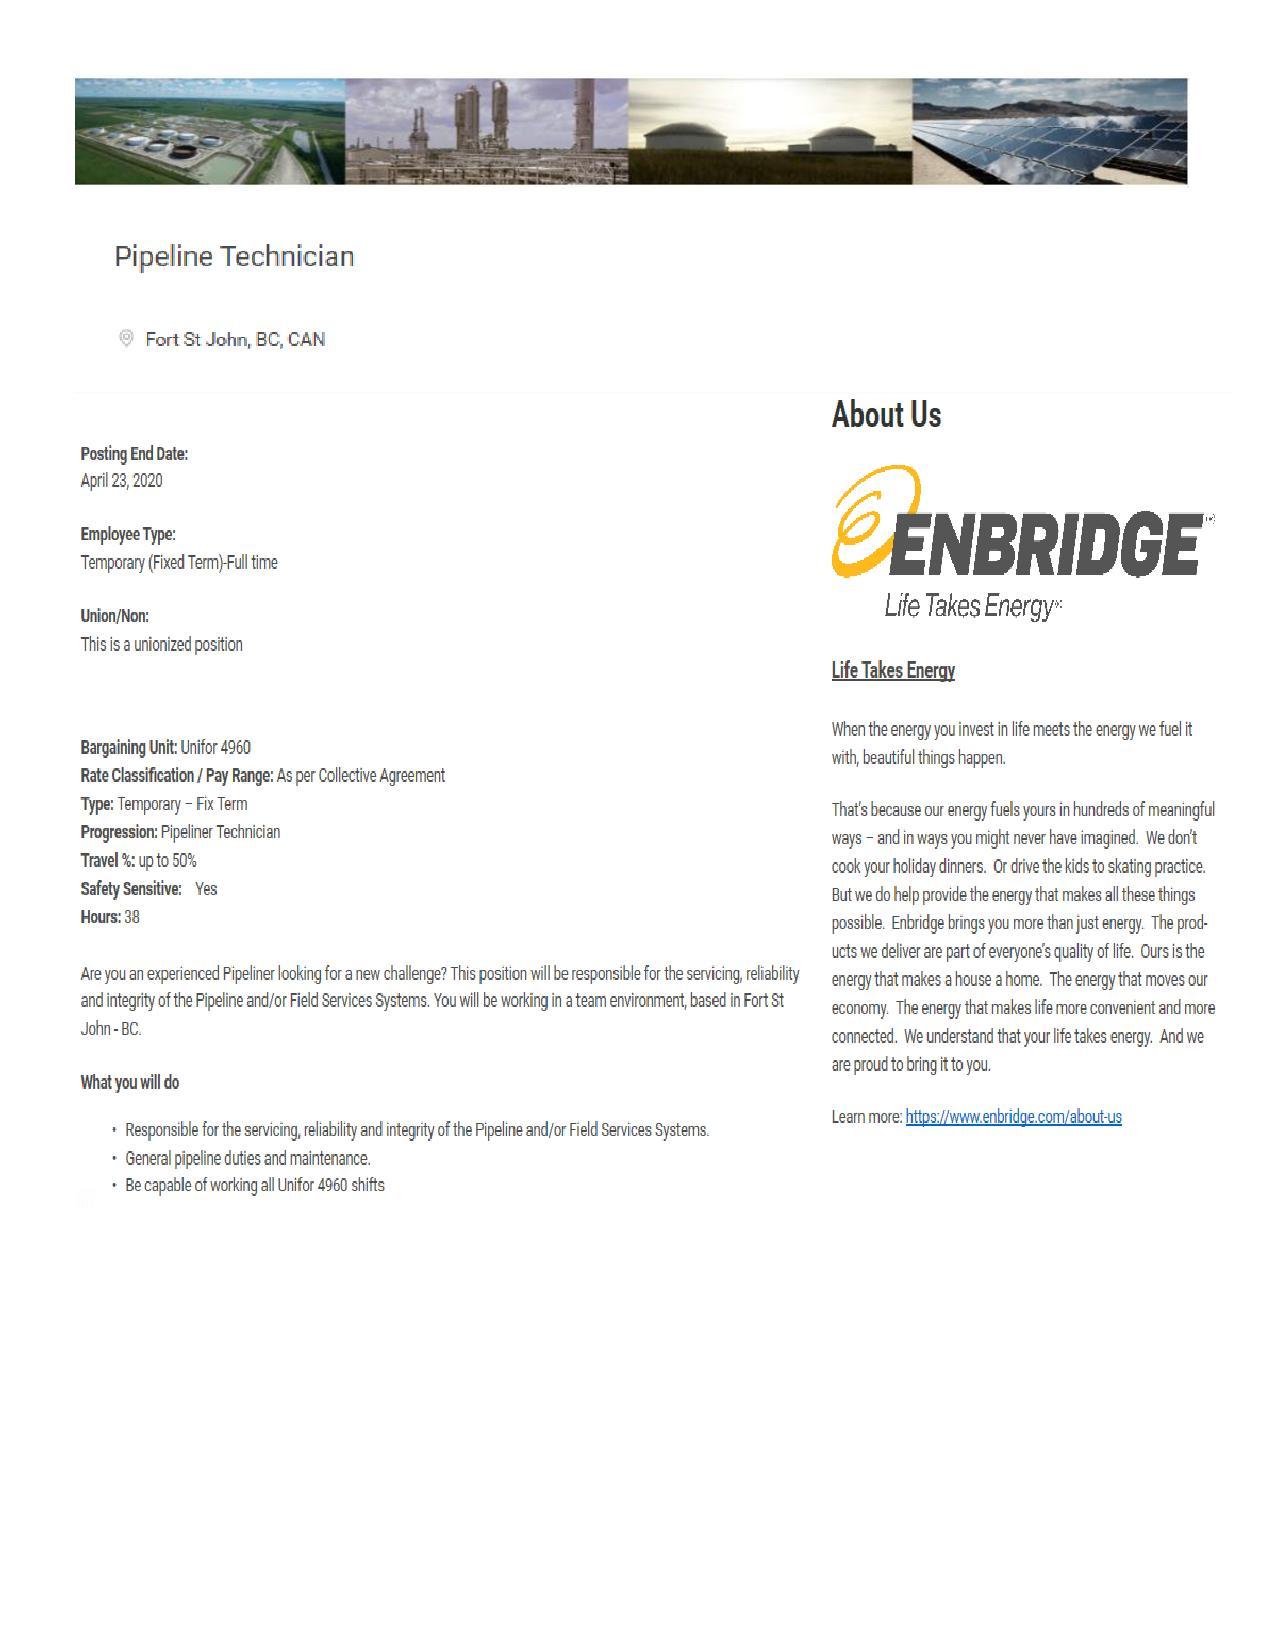 Enbridge-page-001